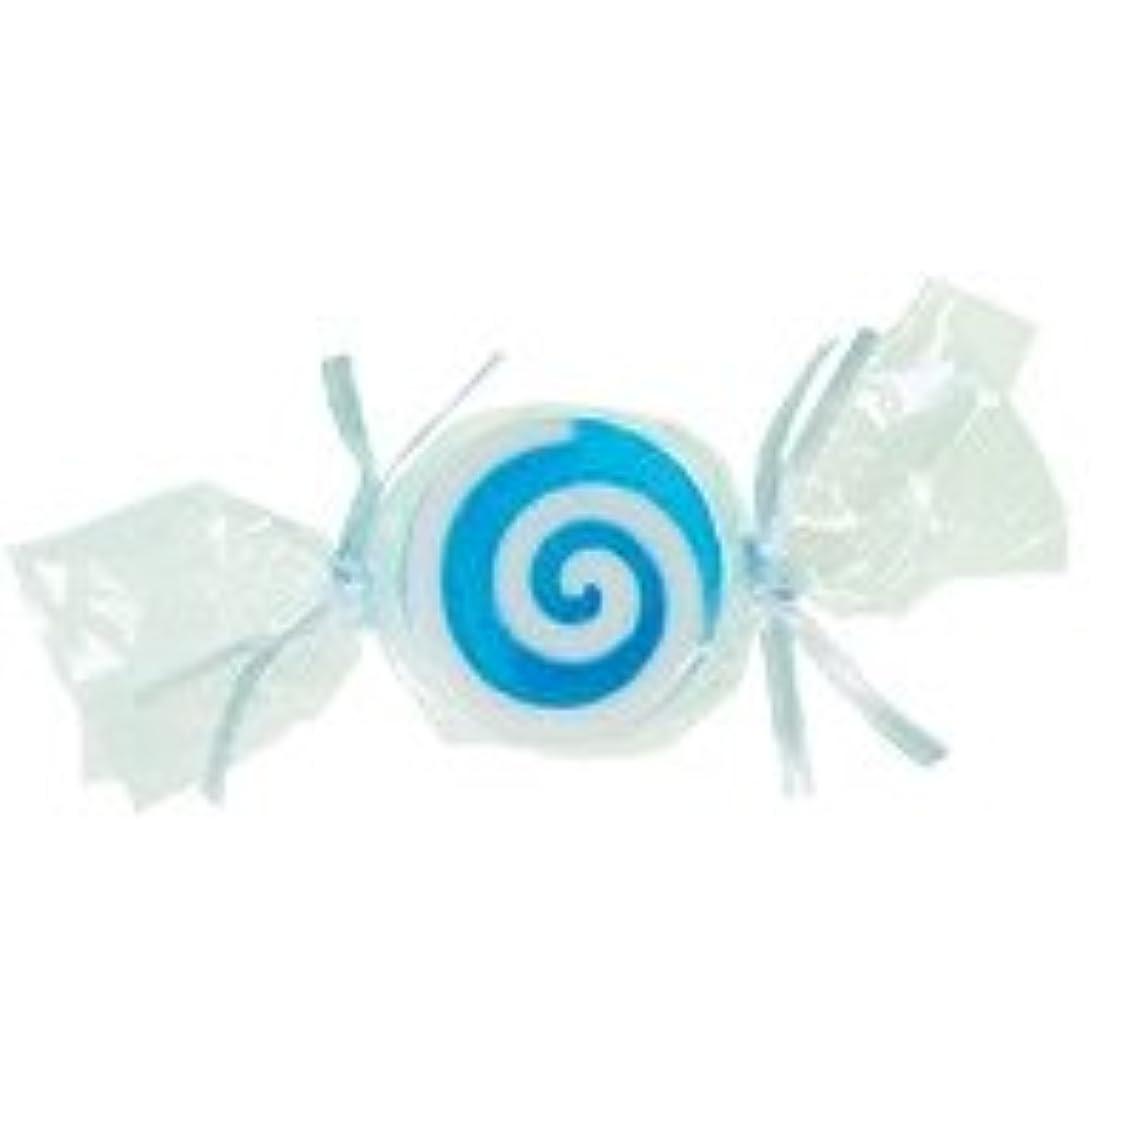 カプセルジャンクション階段ベジタブルソープ キャンディ「ブルー」20個セット ハニーメロンの香り